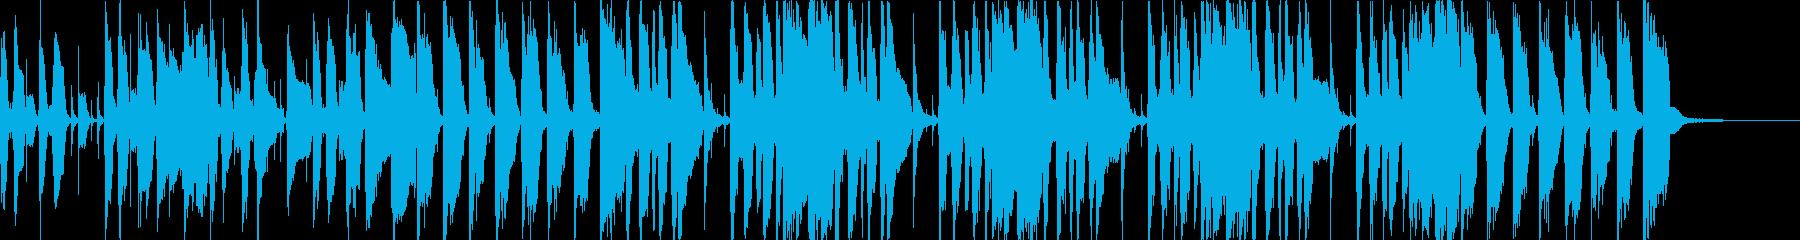 ブラス、スラップベース、ファンクロックの再生済みの波形